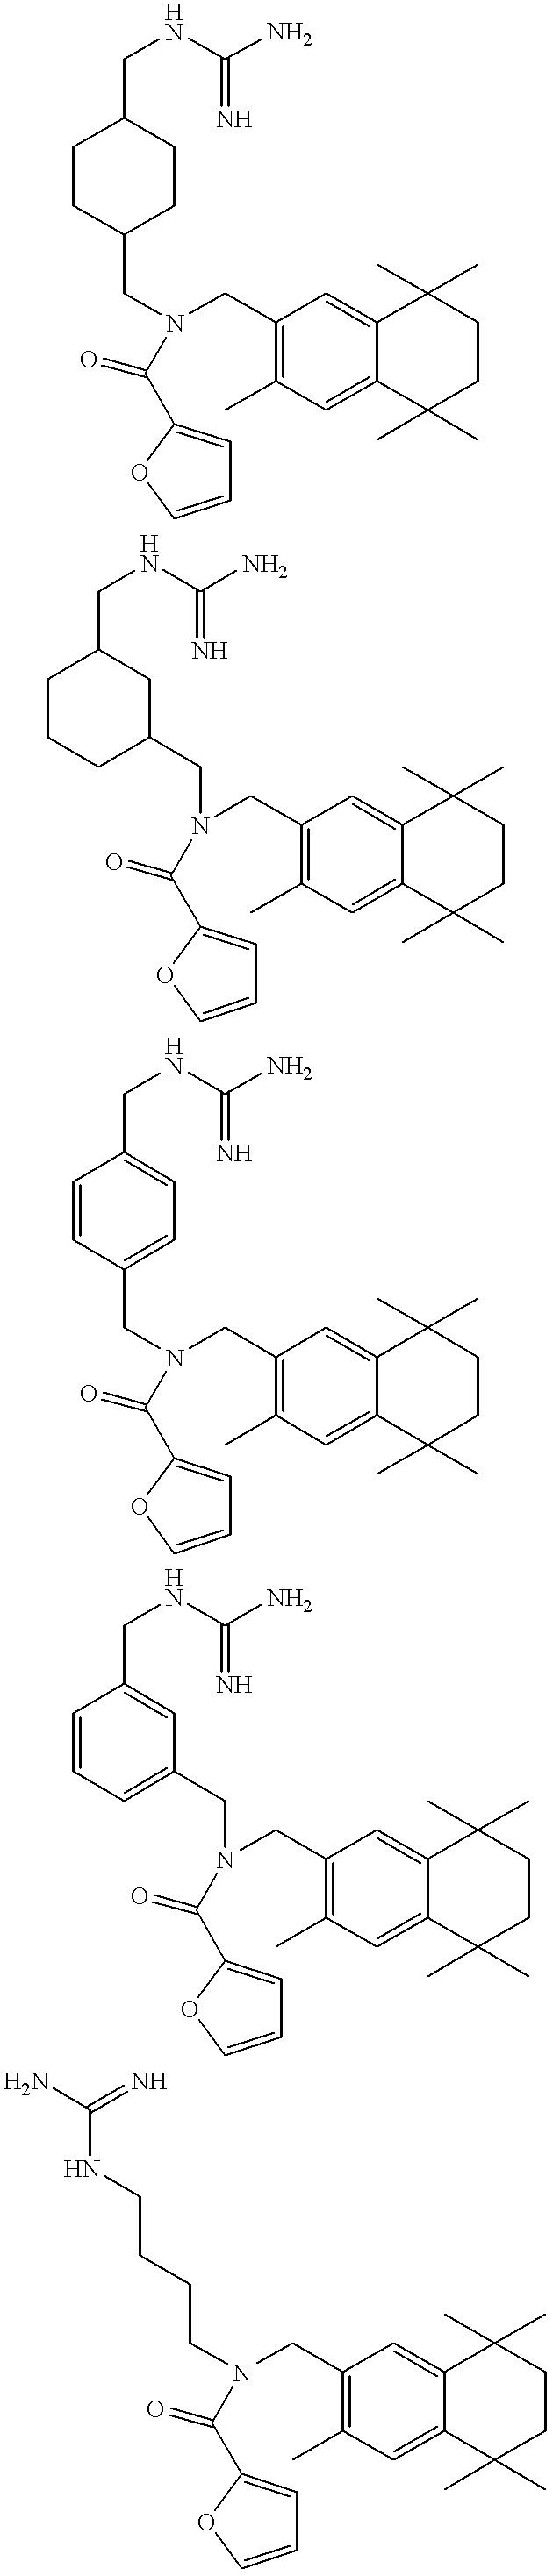 Figure US06218426-20010417-C00255